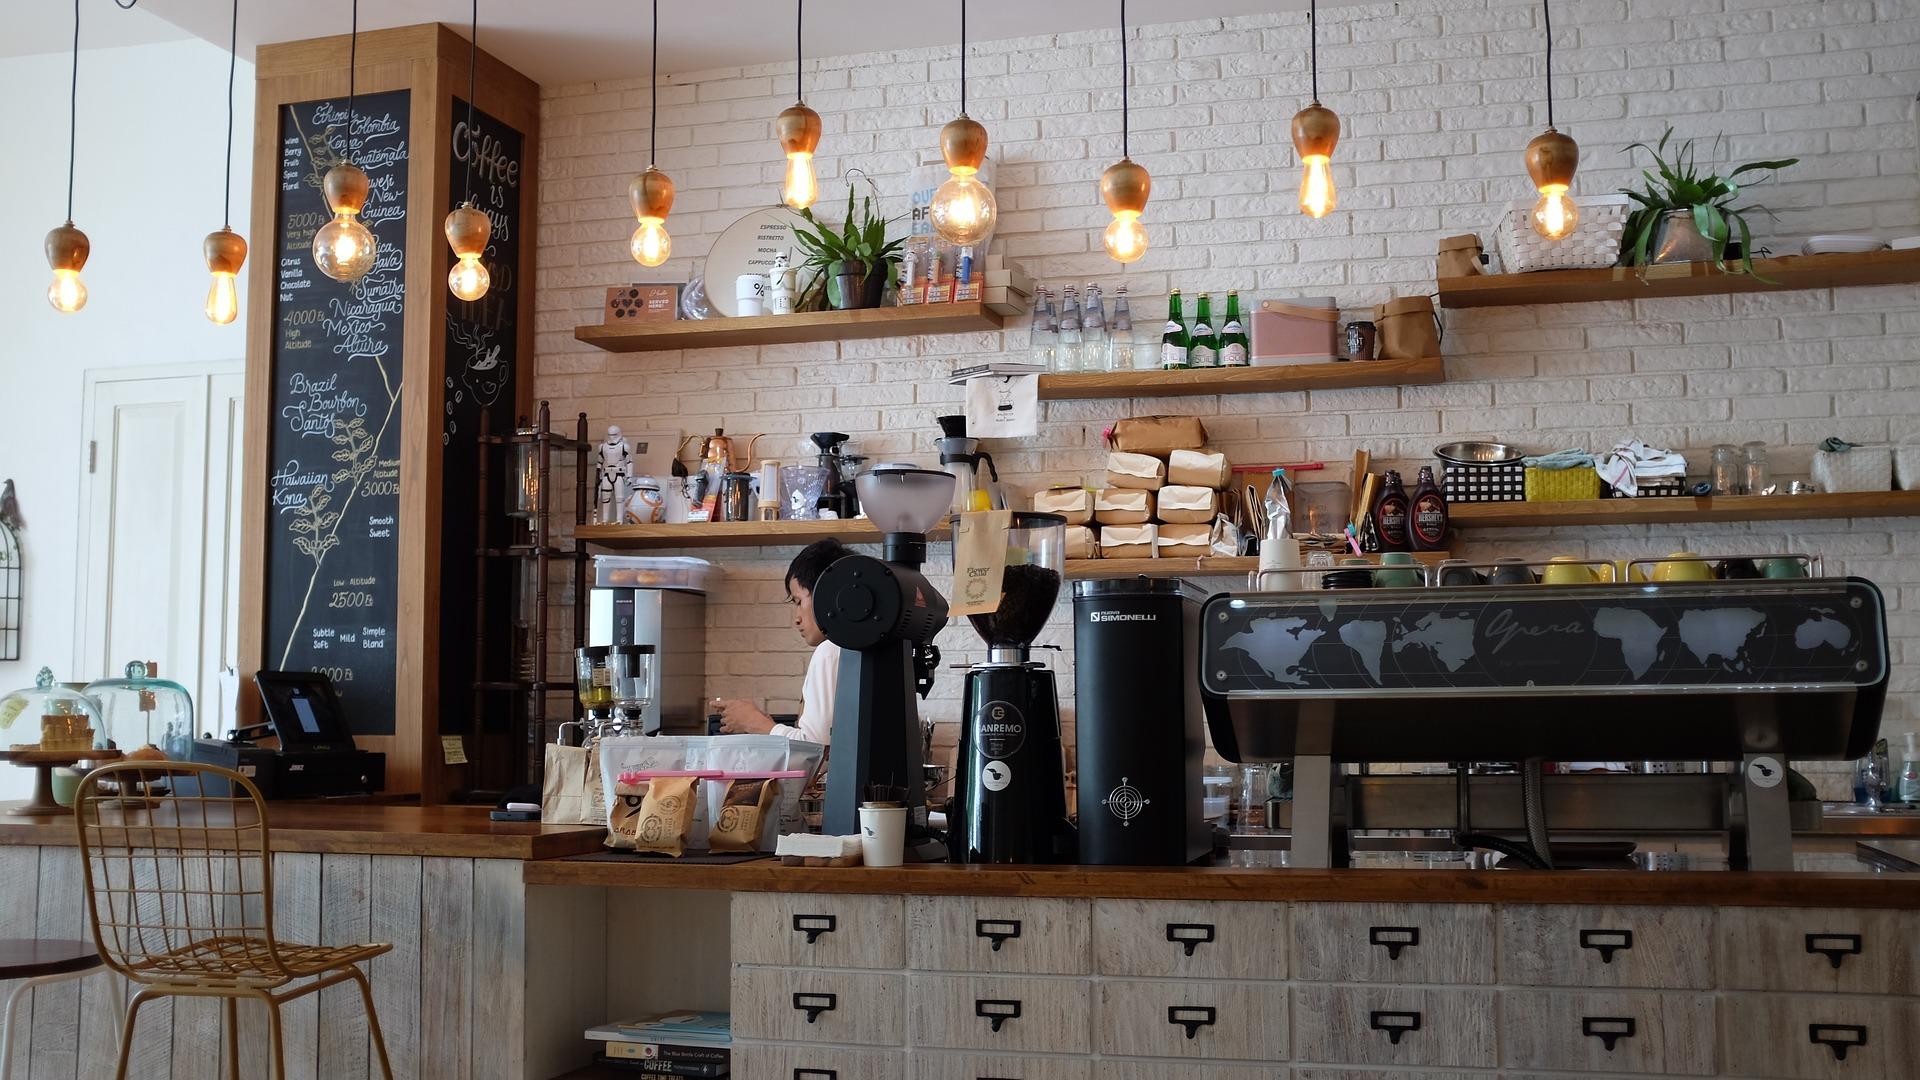 Charme + aconchego + qualidade de atendimento + grãos gourmet = Filosofia da 3a Onda do Café